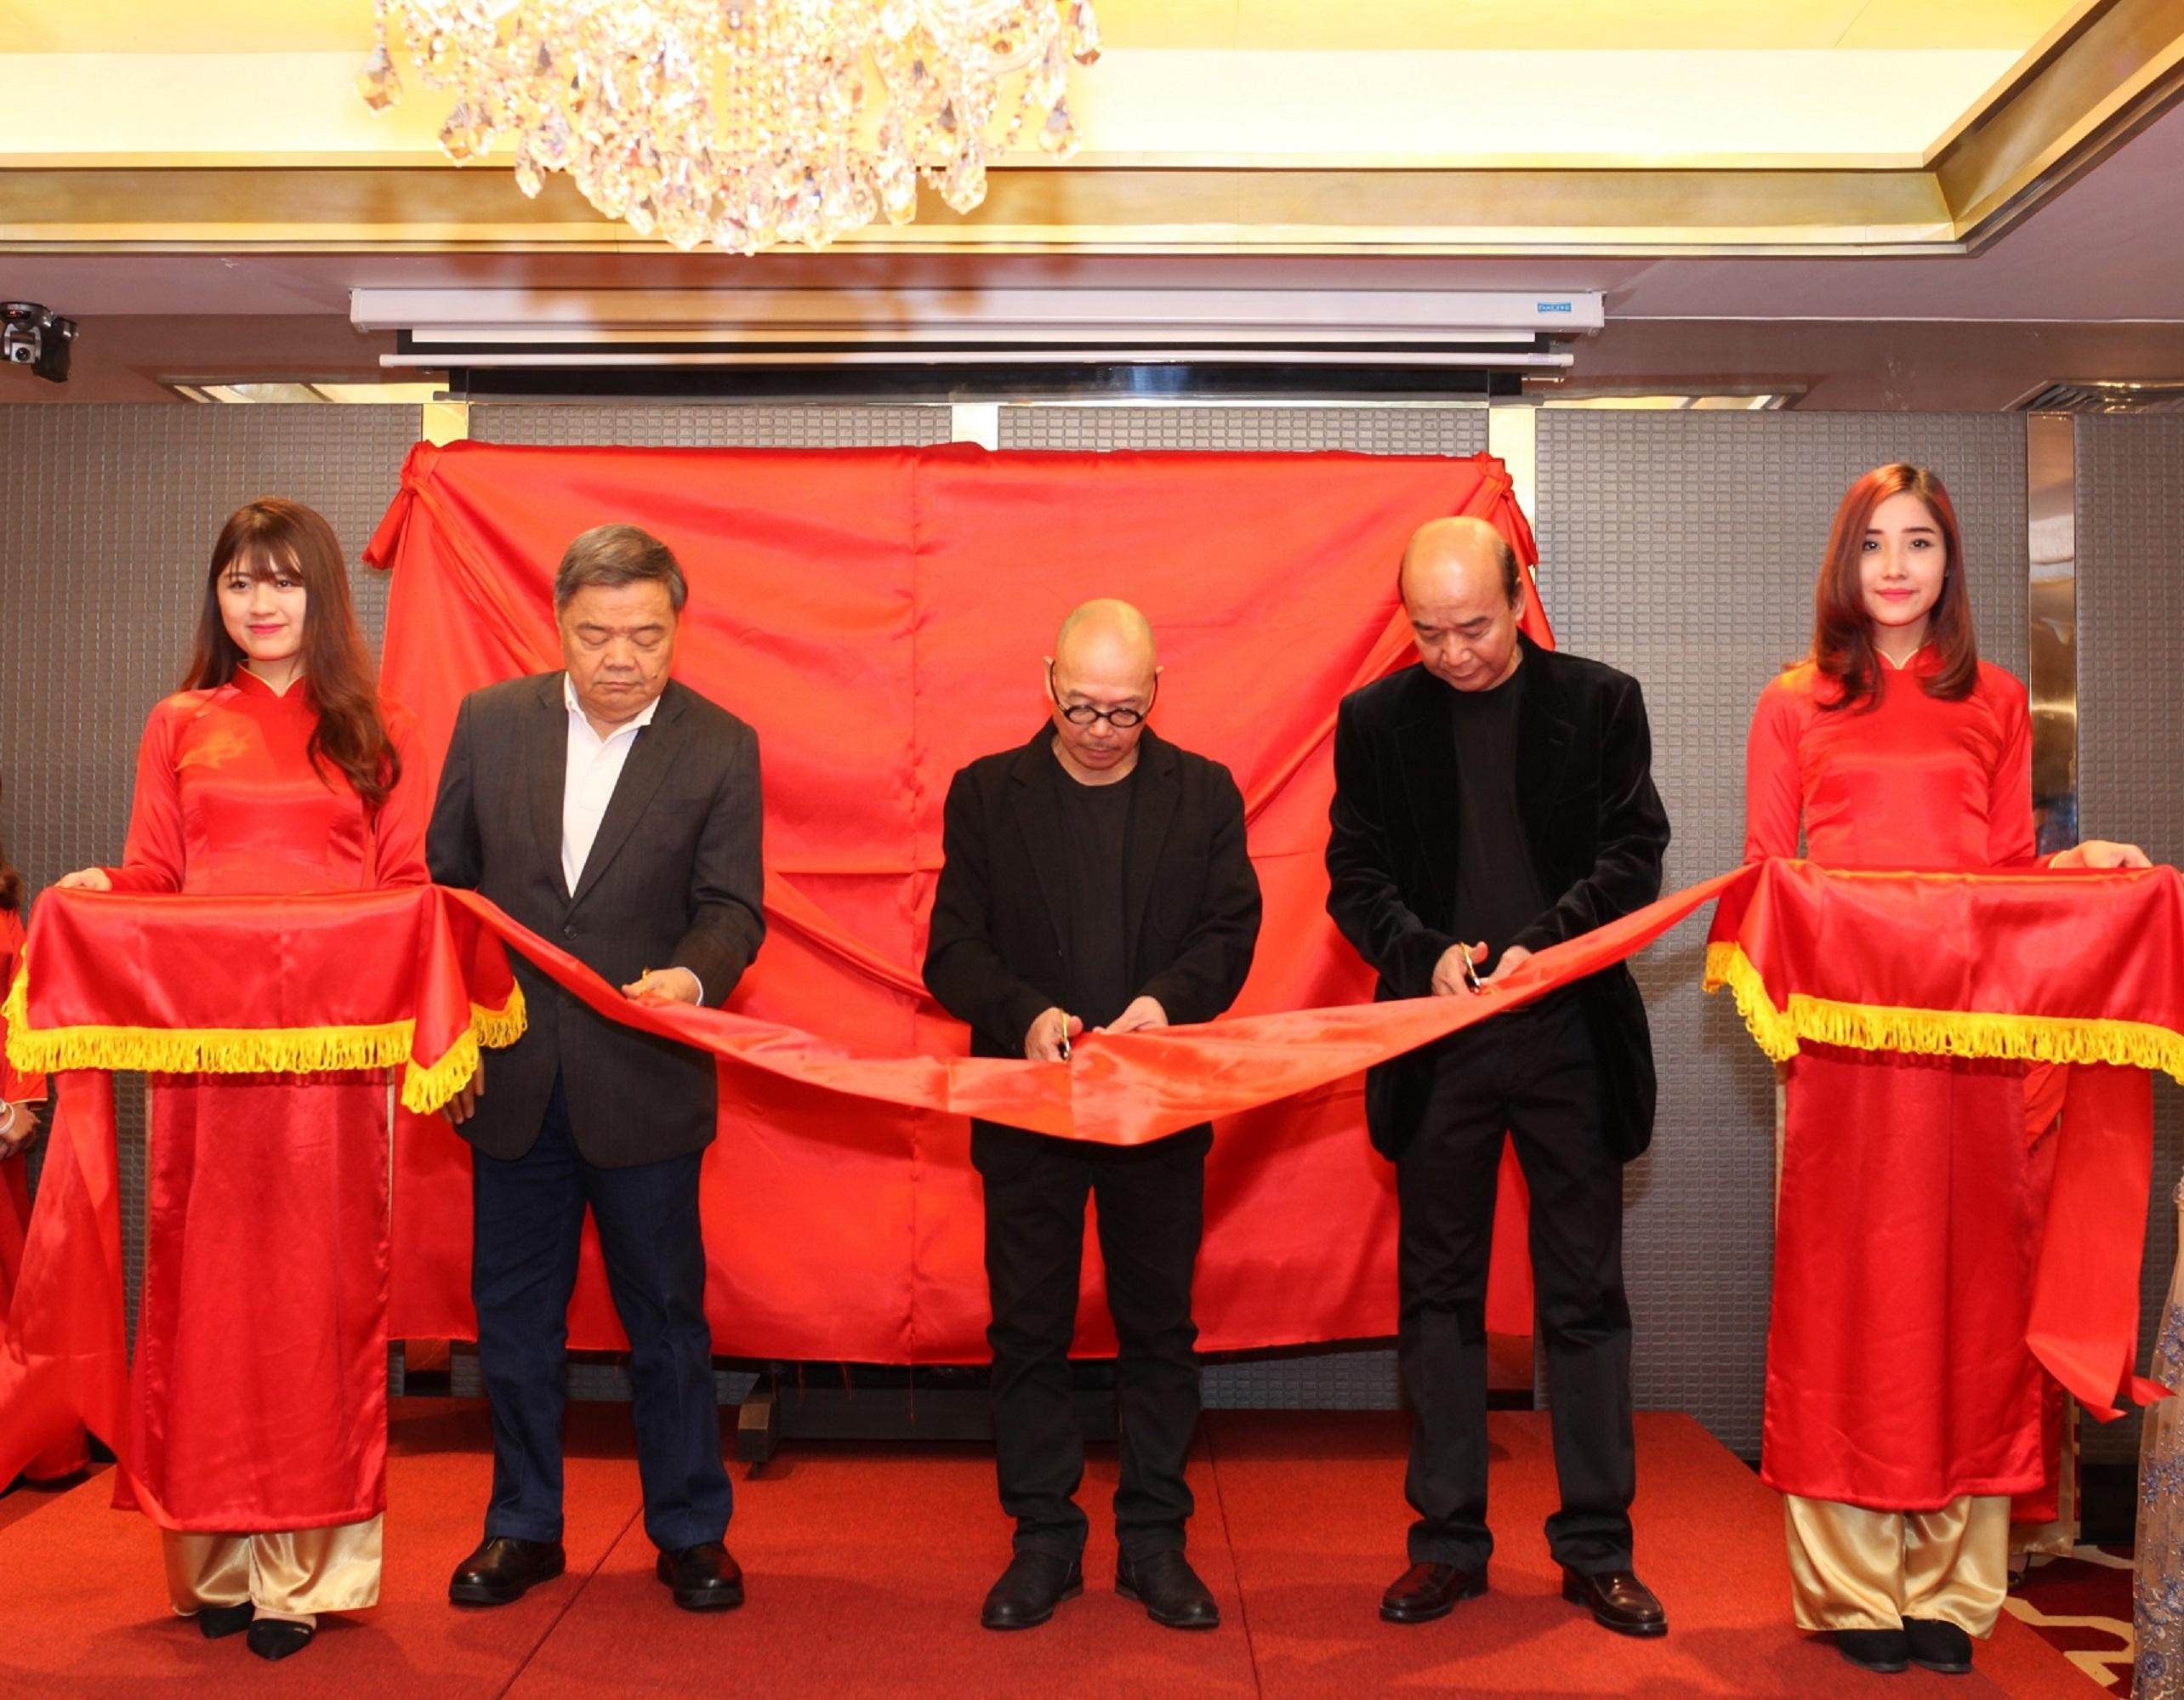 Ông Toh-Hok-Ghim - Nguyên Đại sứ Singapore tại Việt Nam, Họa Sĩ Thành Chương và Ông Ngô Tấn Trọng Nghĩa - Giám tuyển Apricot Gallery cắt băng khai mạc triển lãm Genesis nhân dịp khai trương khách sạn Apricot.